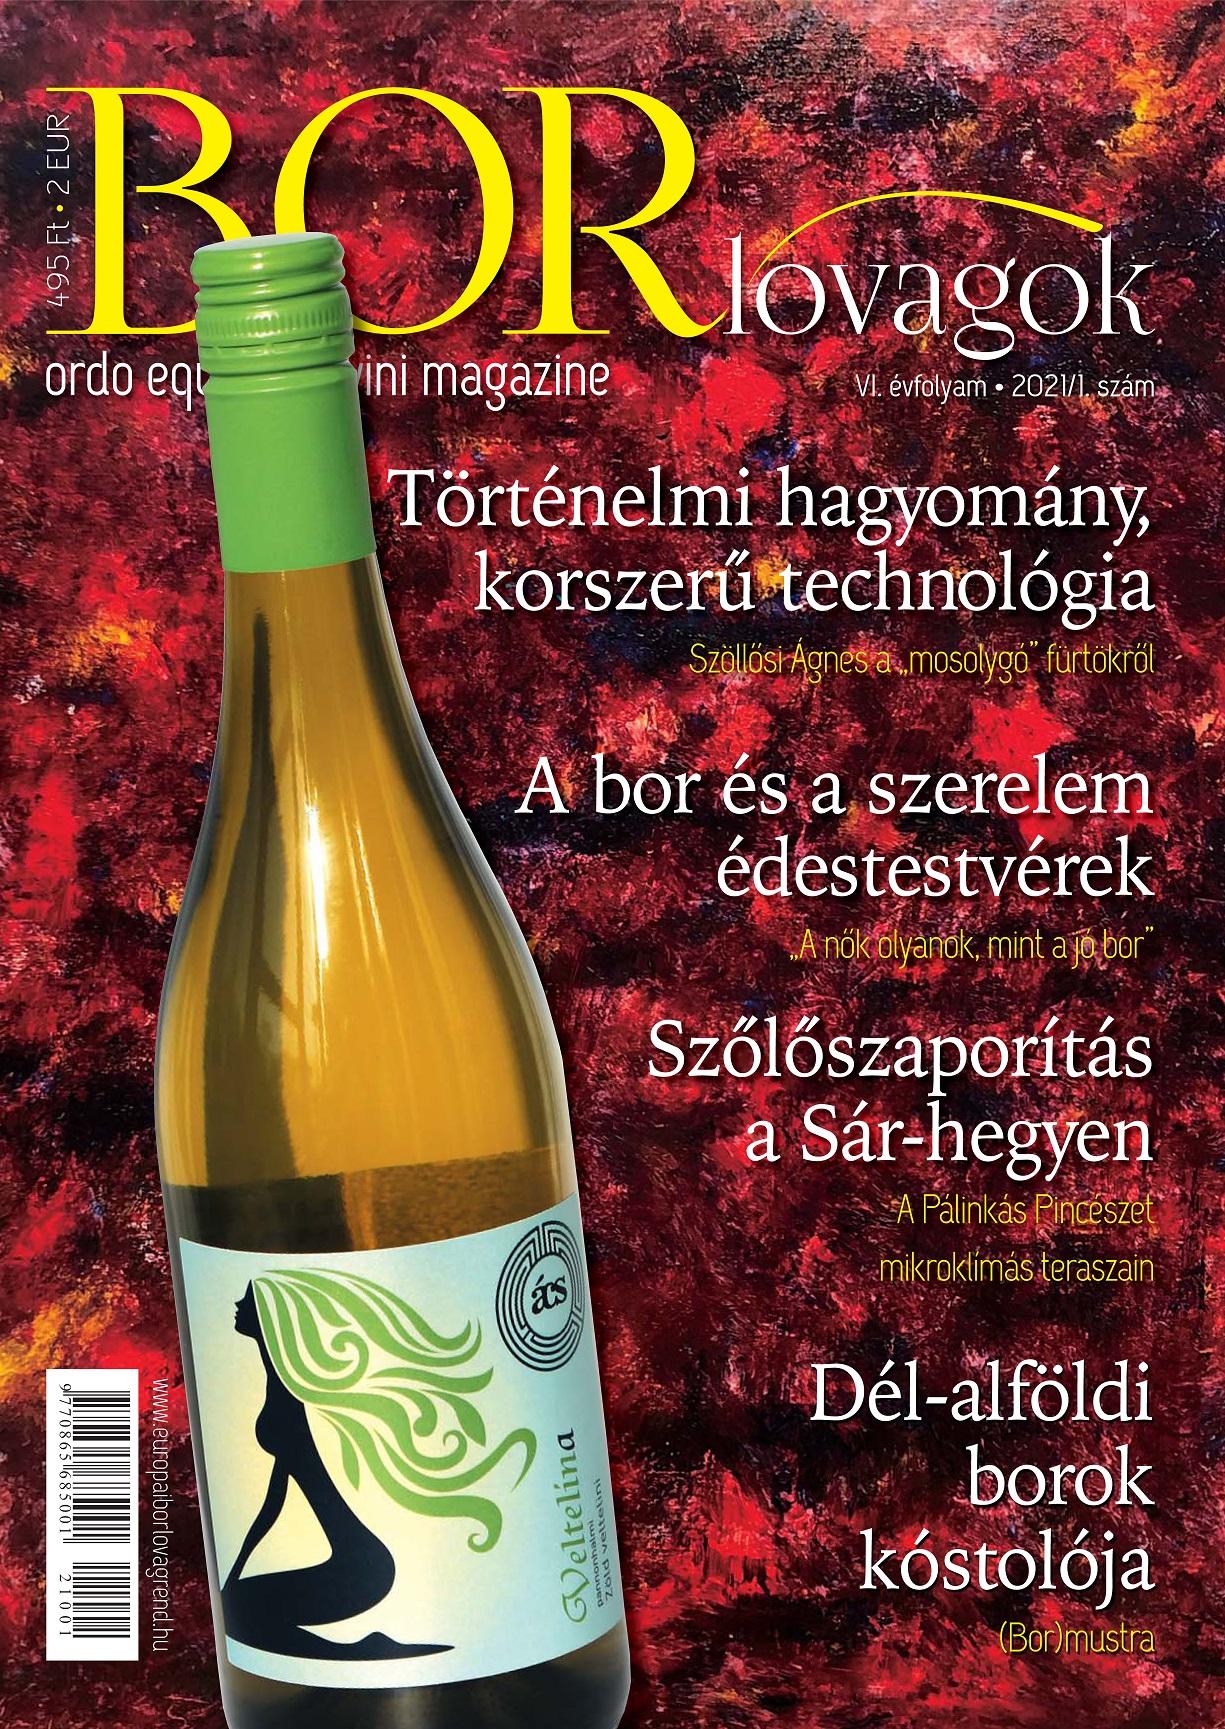 MEGJELENT A BORLOVAGOK Magazin 2021/1